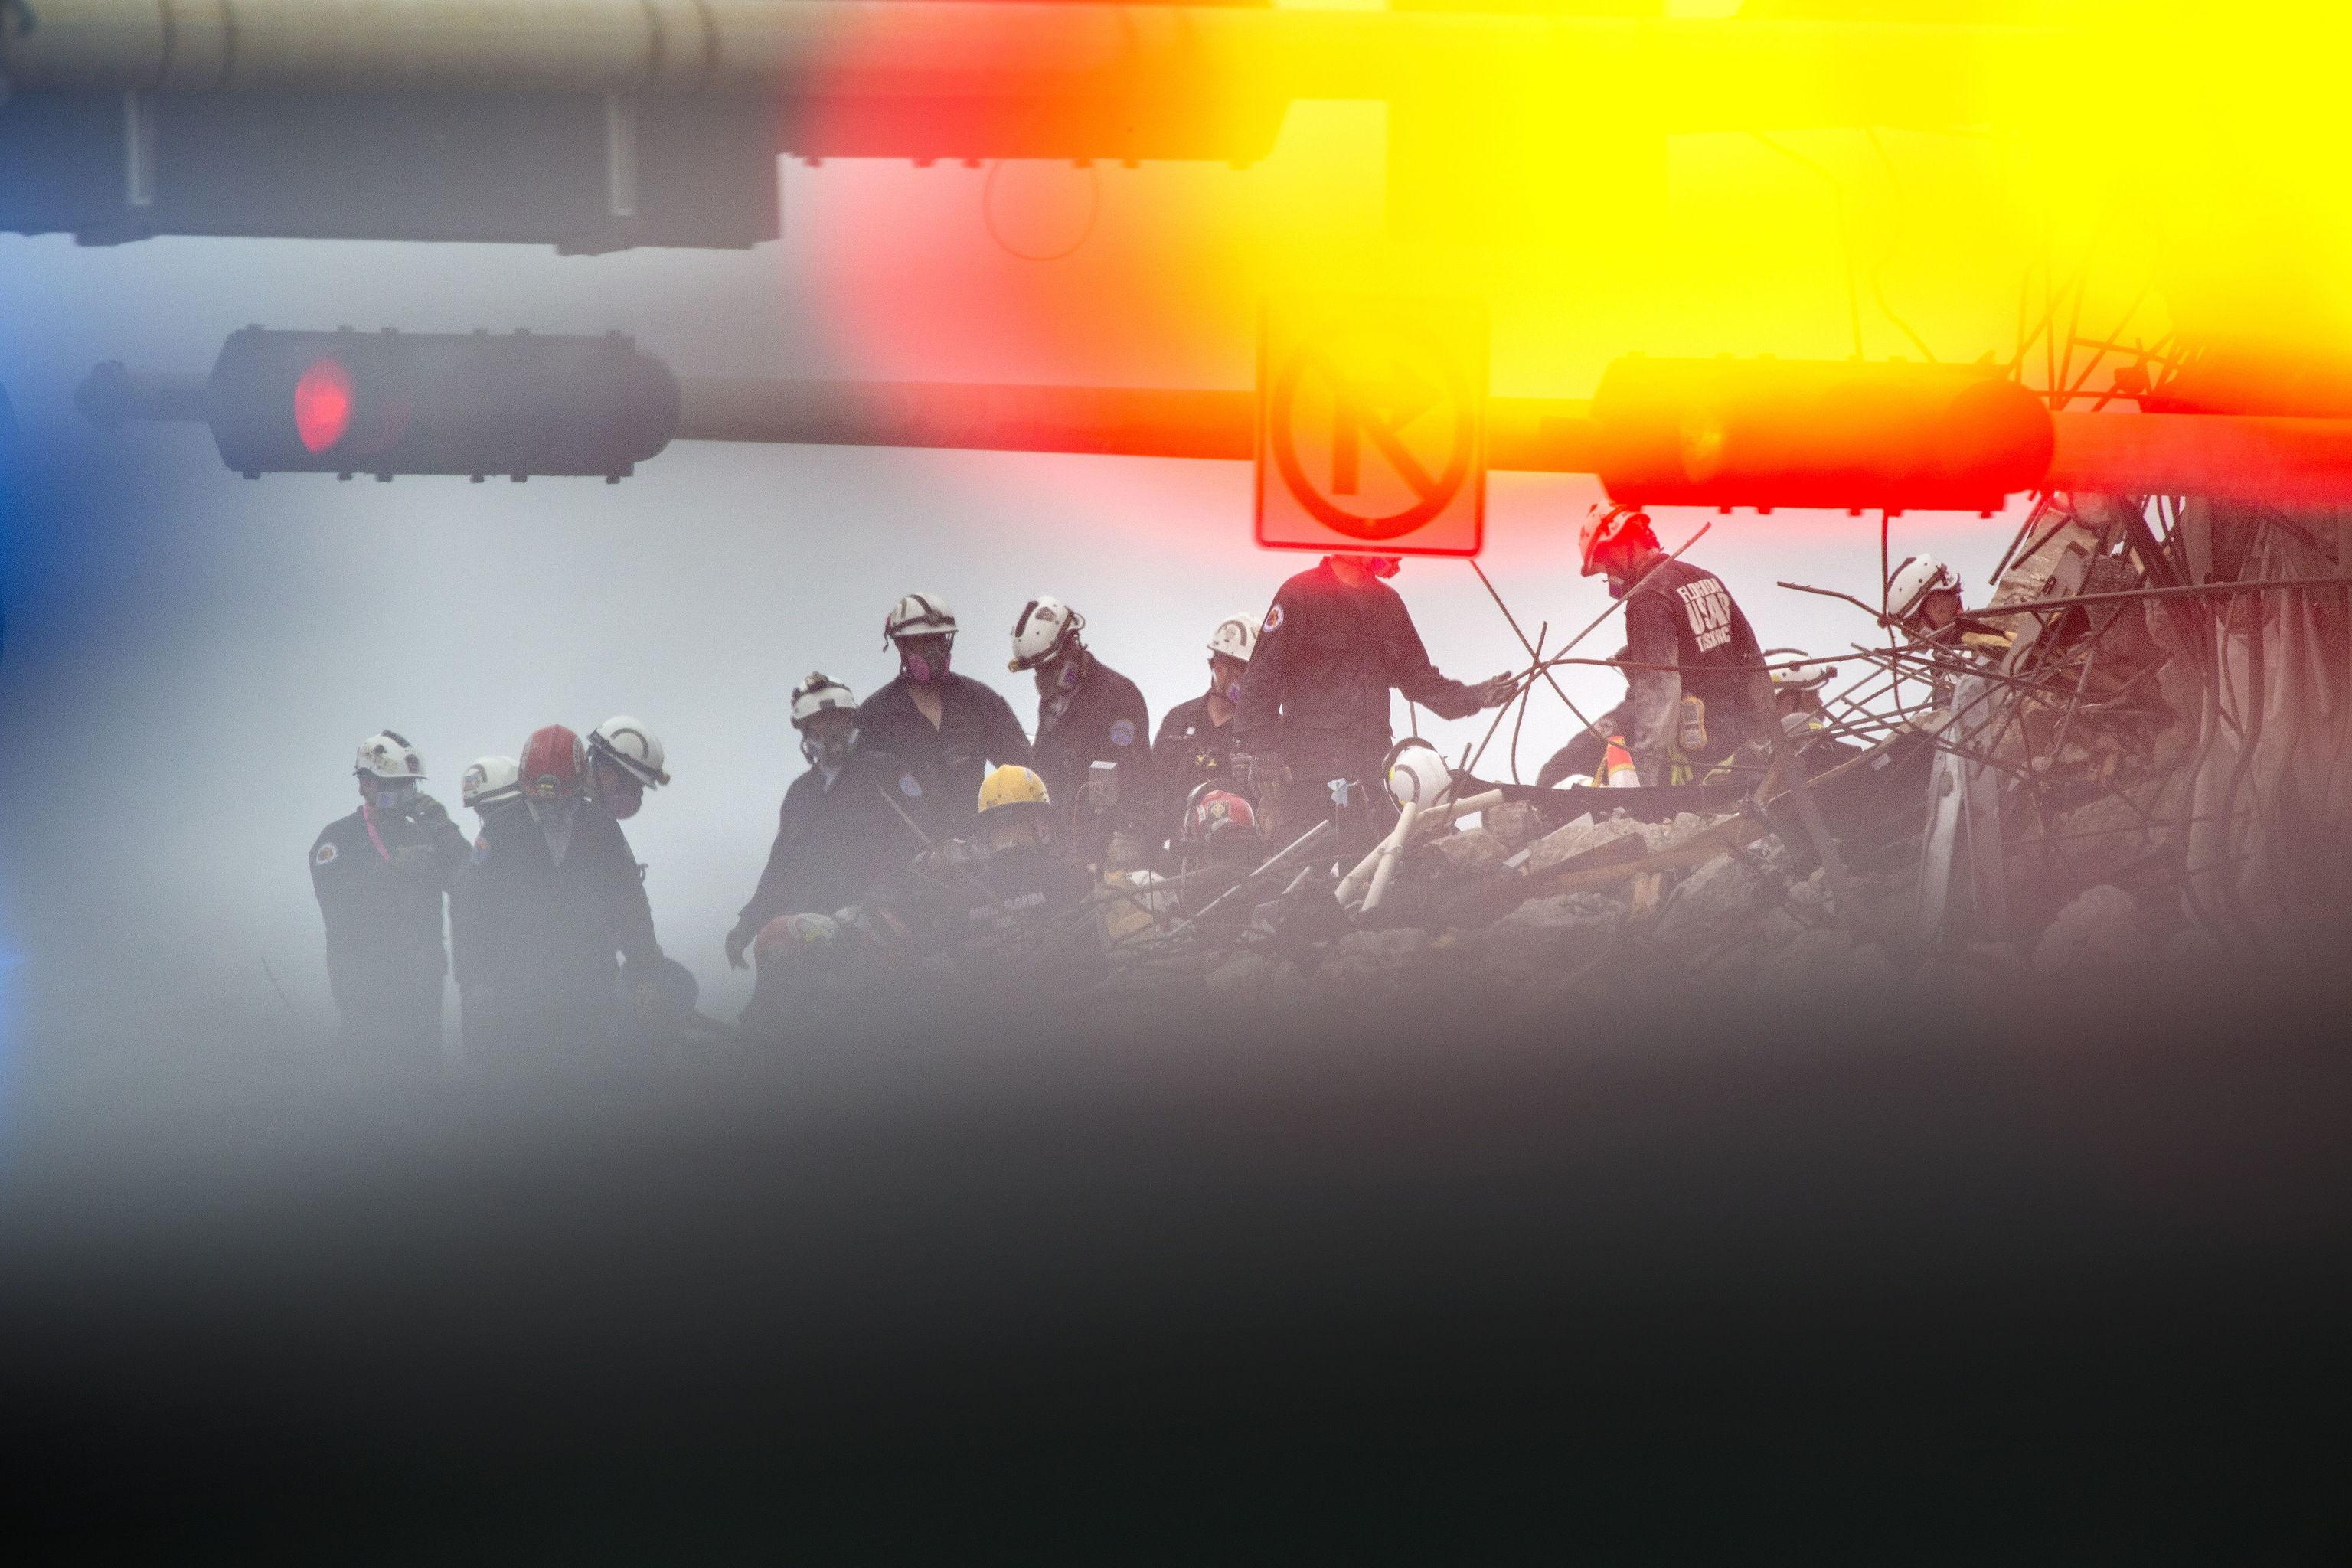 تیم نجات برای s کار می کنند